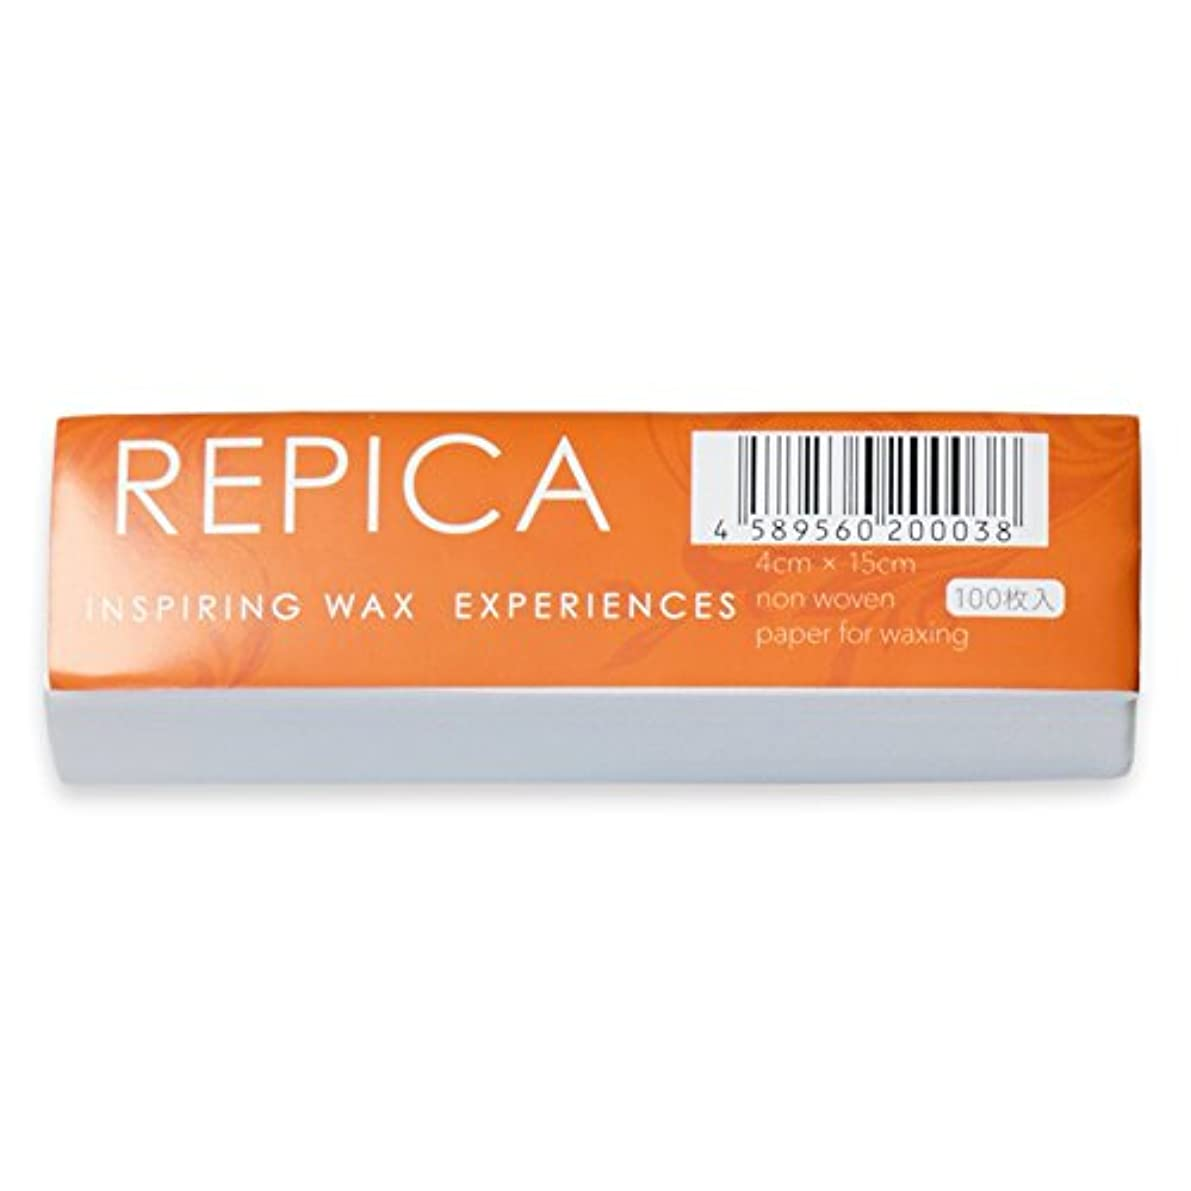 同性愛者ポケット安全REPICA ブラジリアンワックス脱毛 カットペーパー Sサイズ100枚入り×1個 ワックス脱毛 ワックスシート ストリップシート